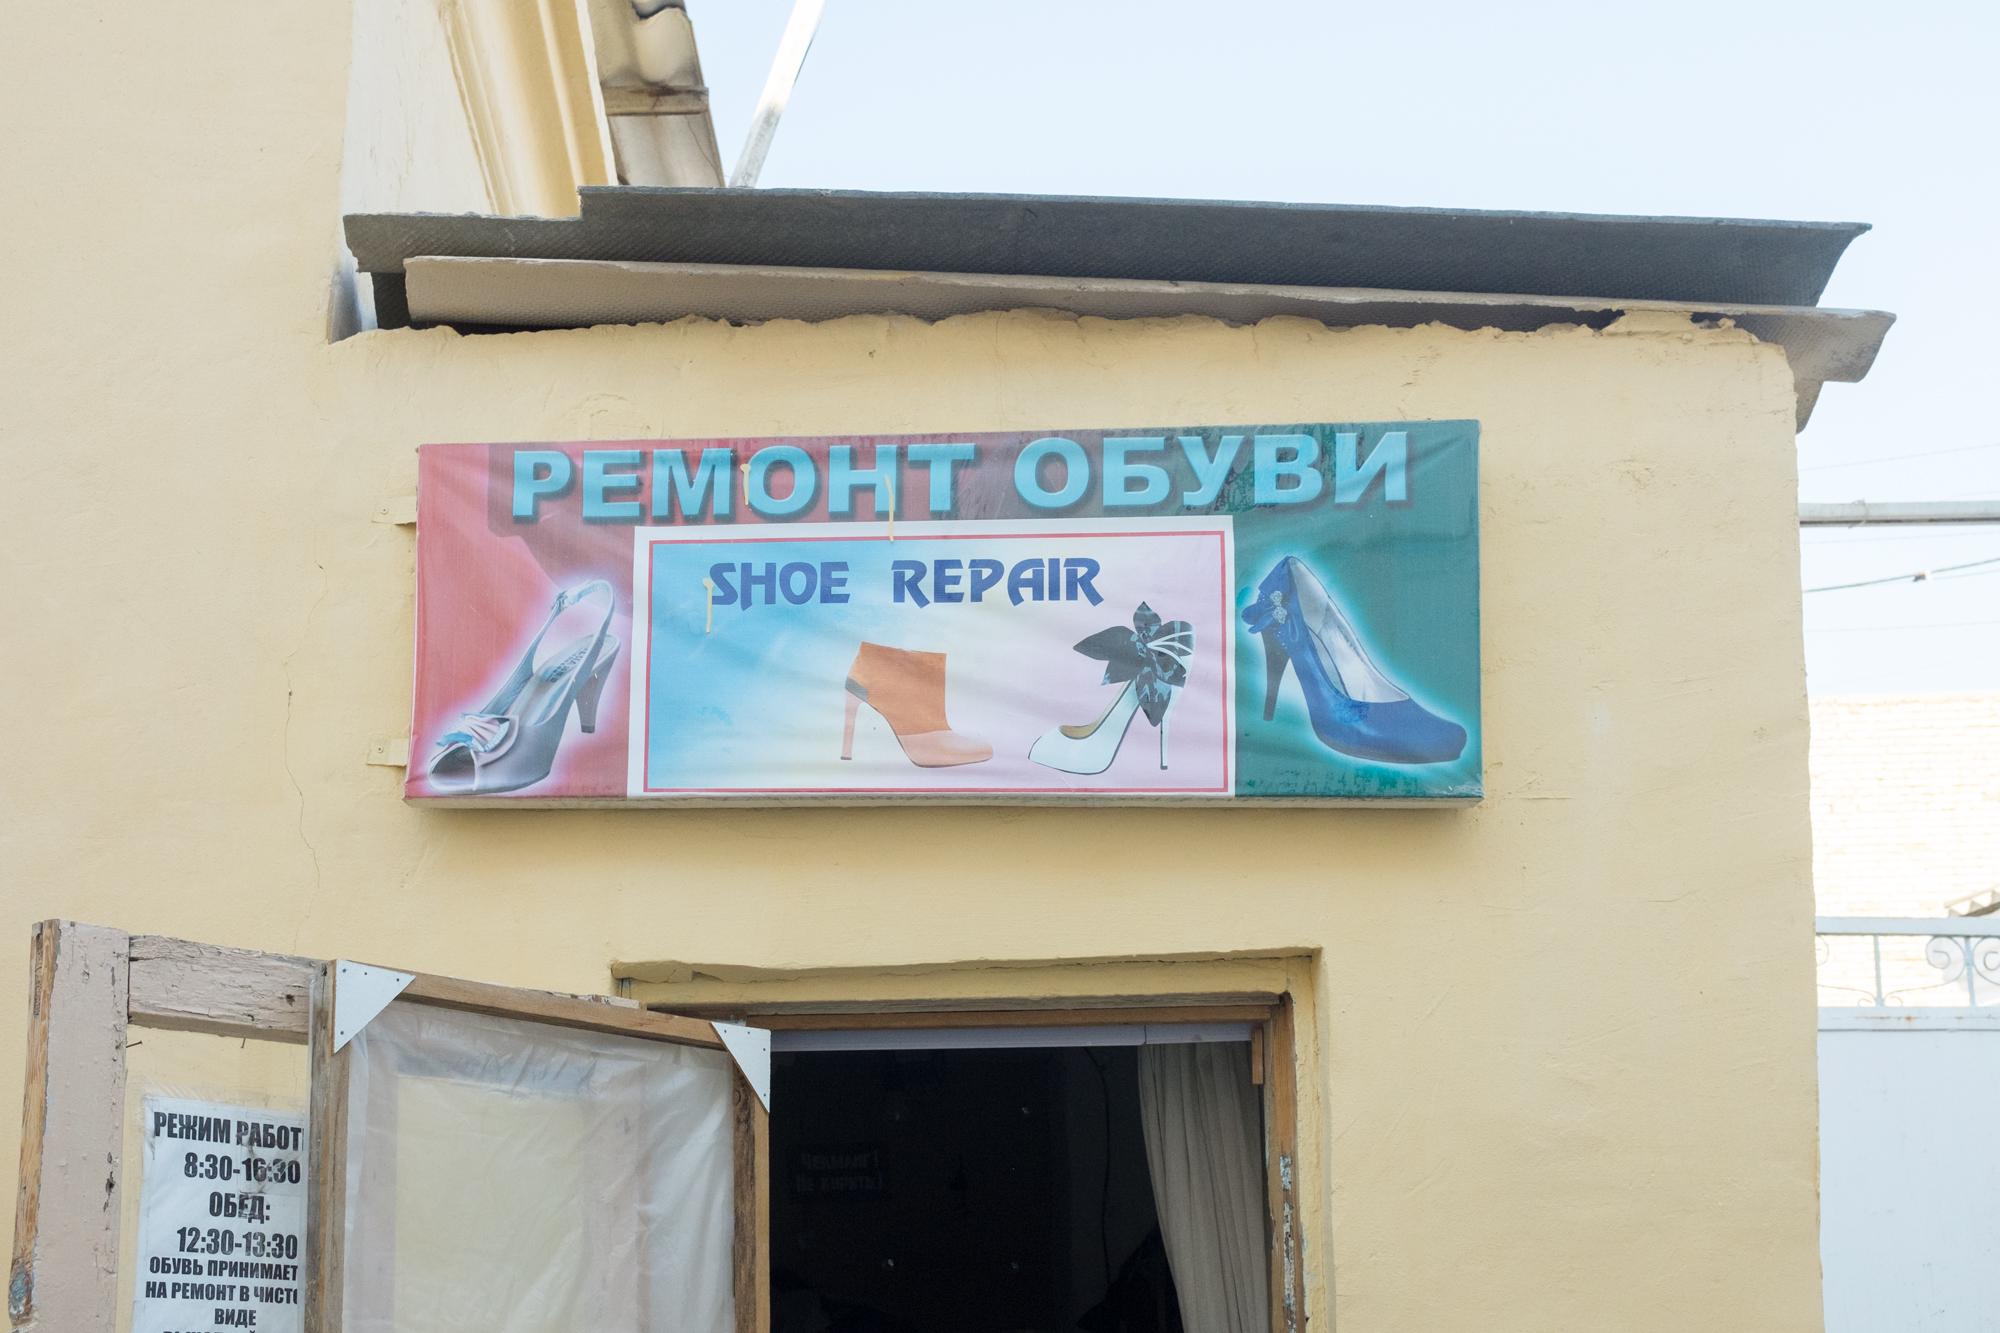 shoe repair_1.jpg